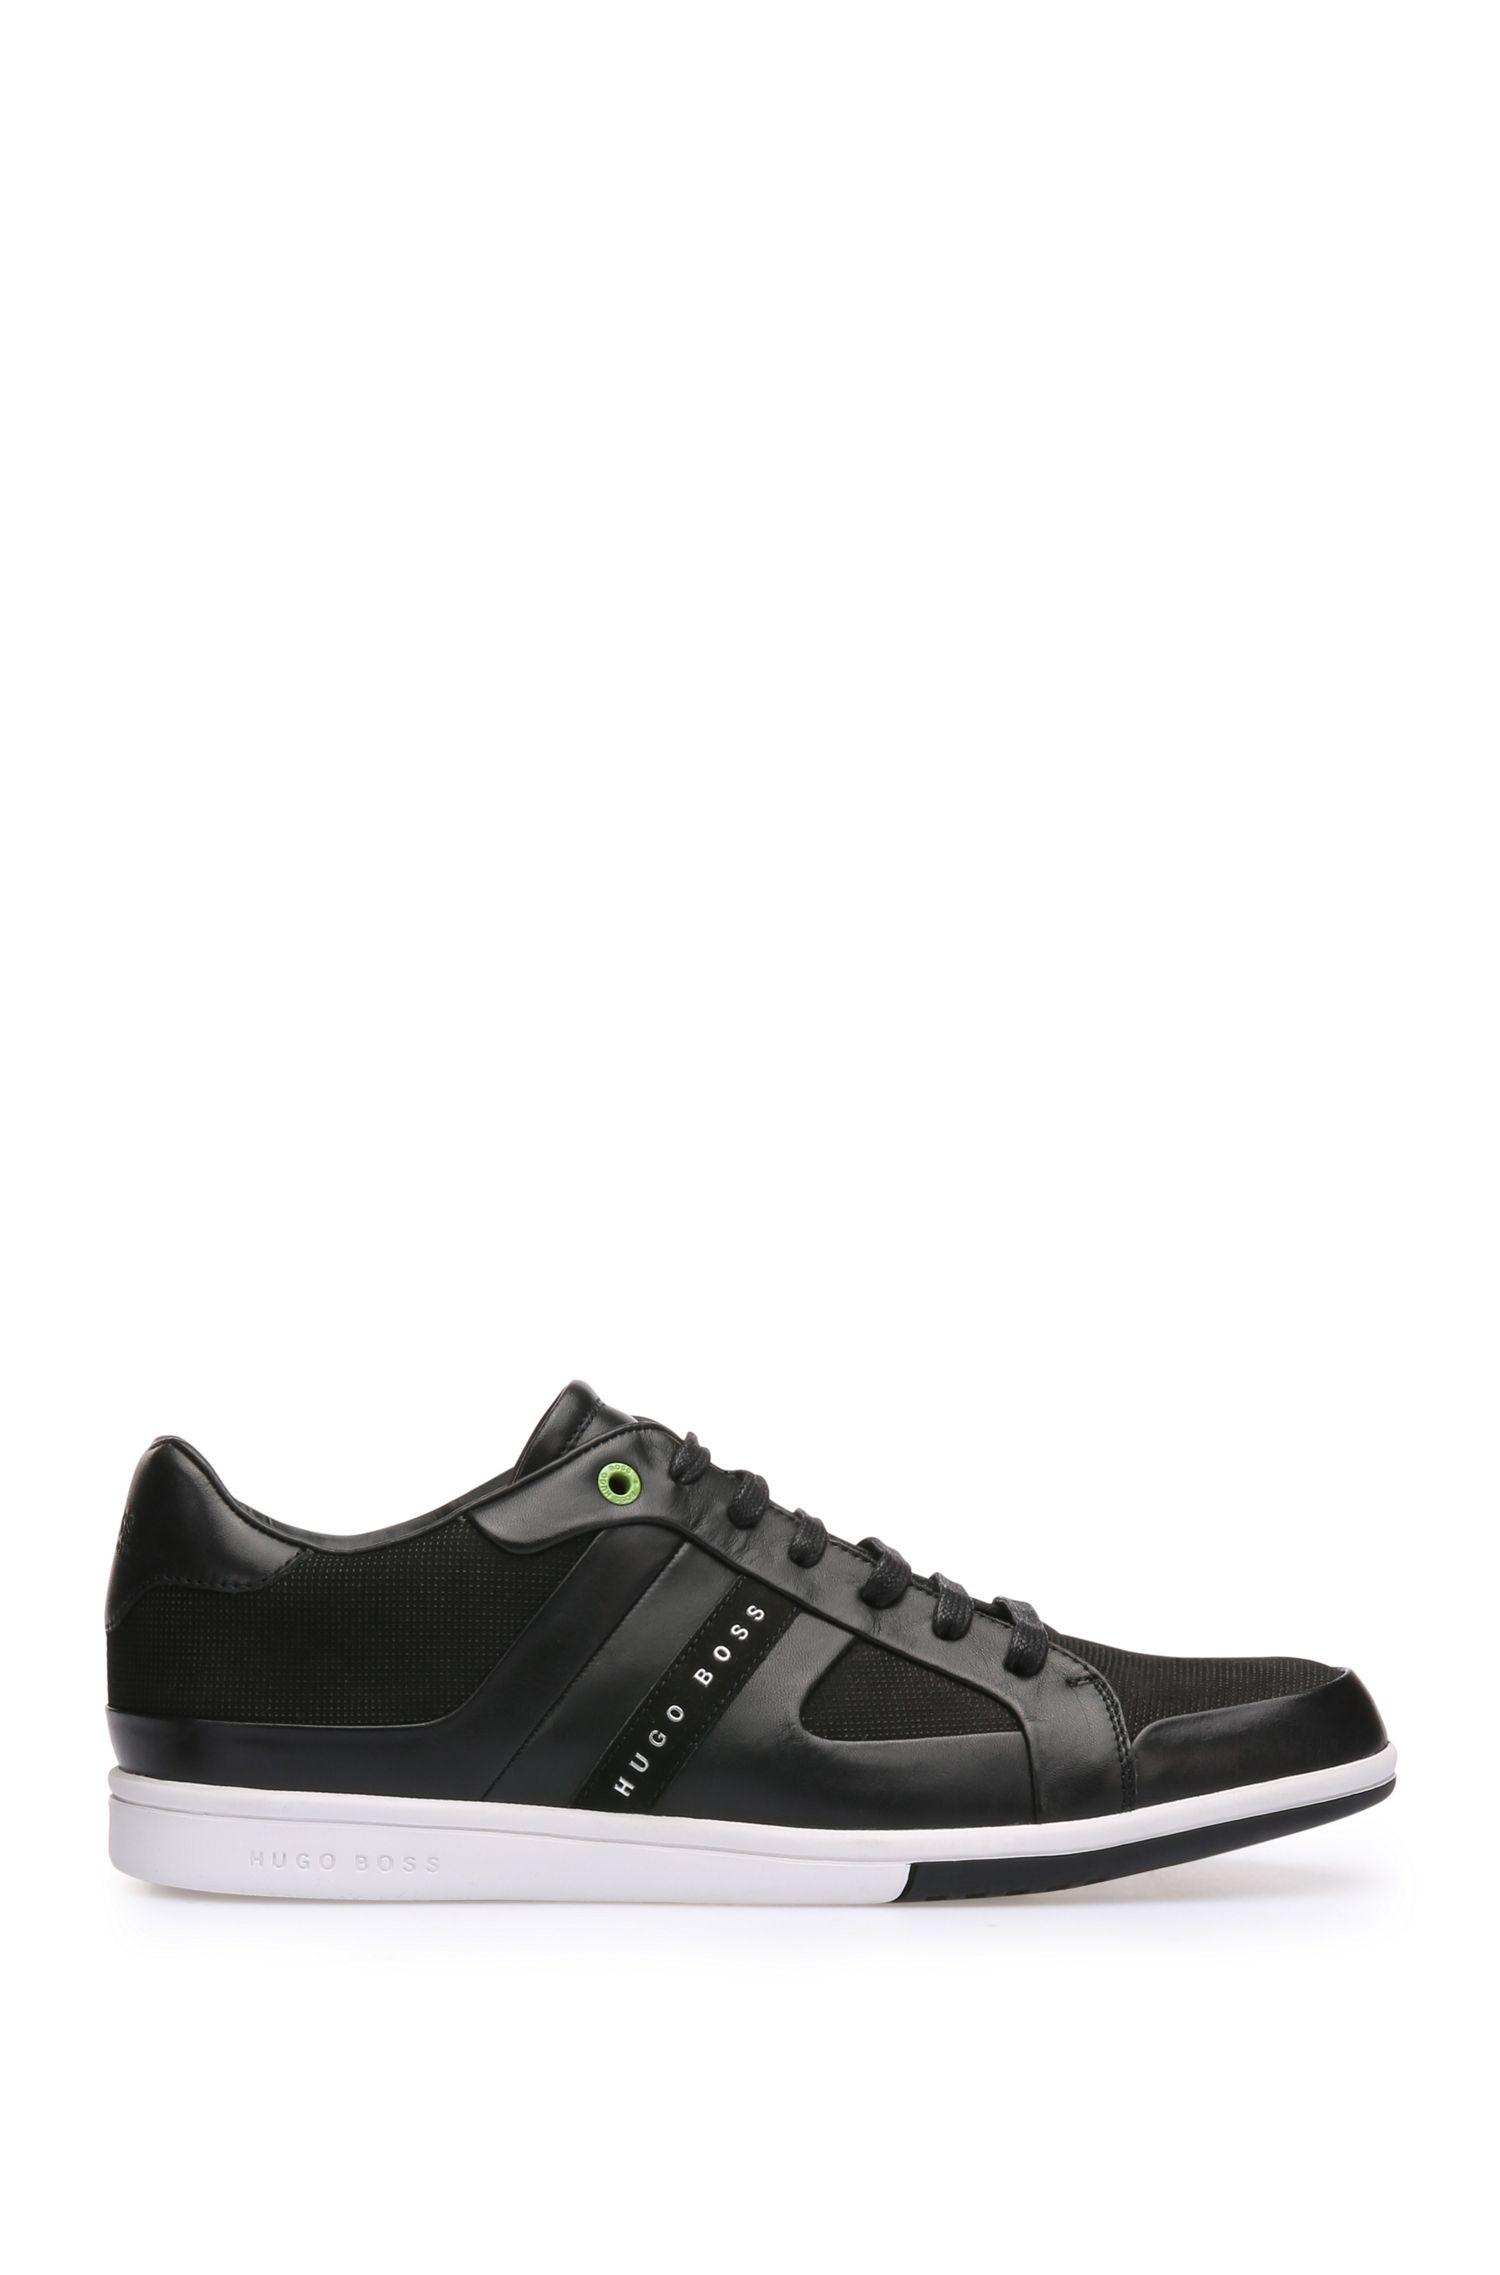 'Metro Tenn Itnu' | Leather Textile Logo Sneakers